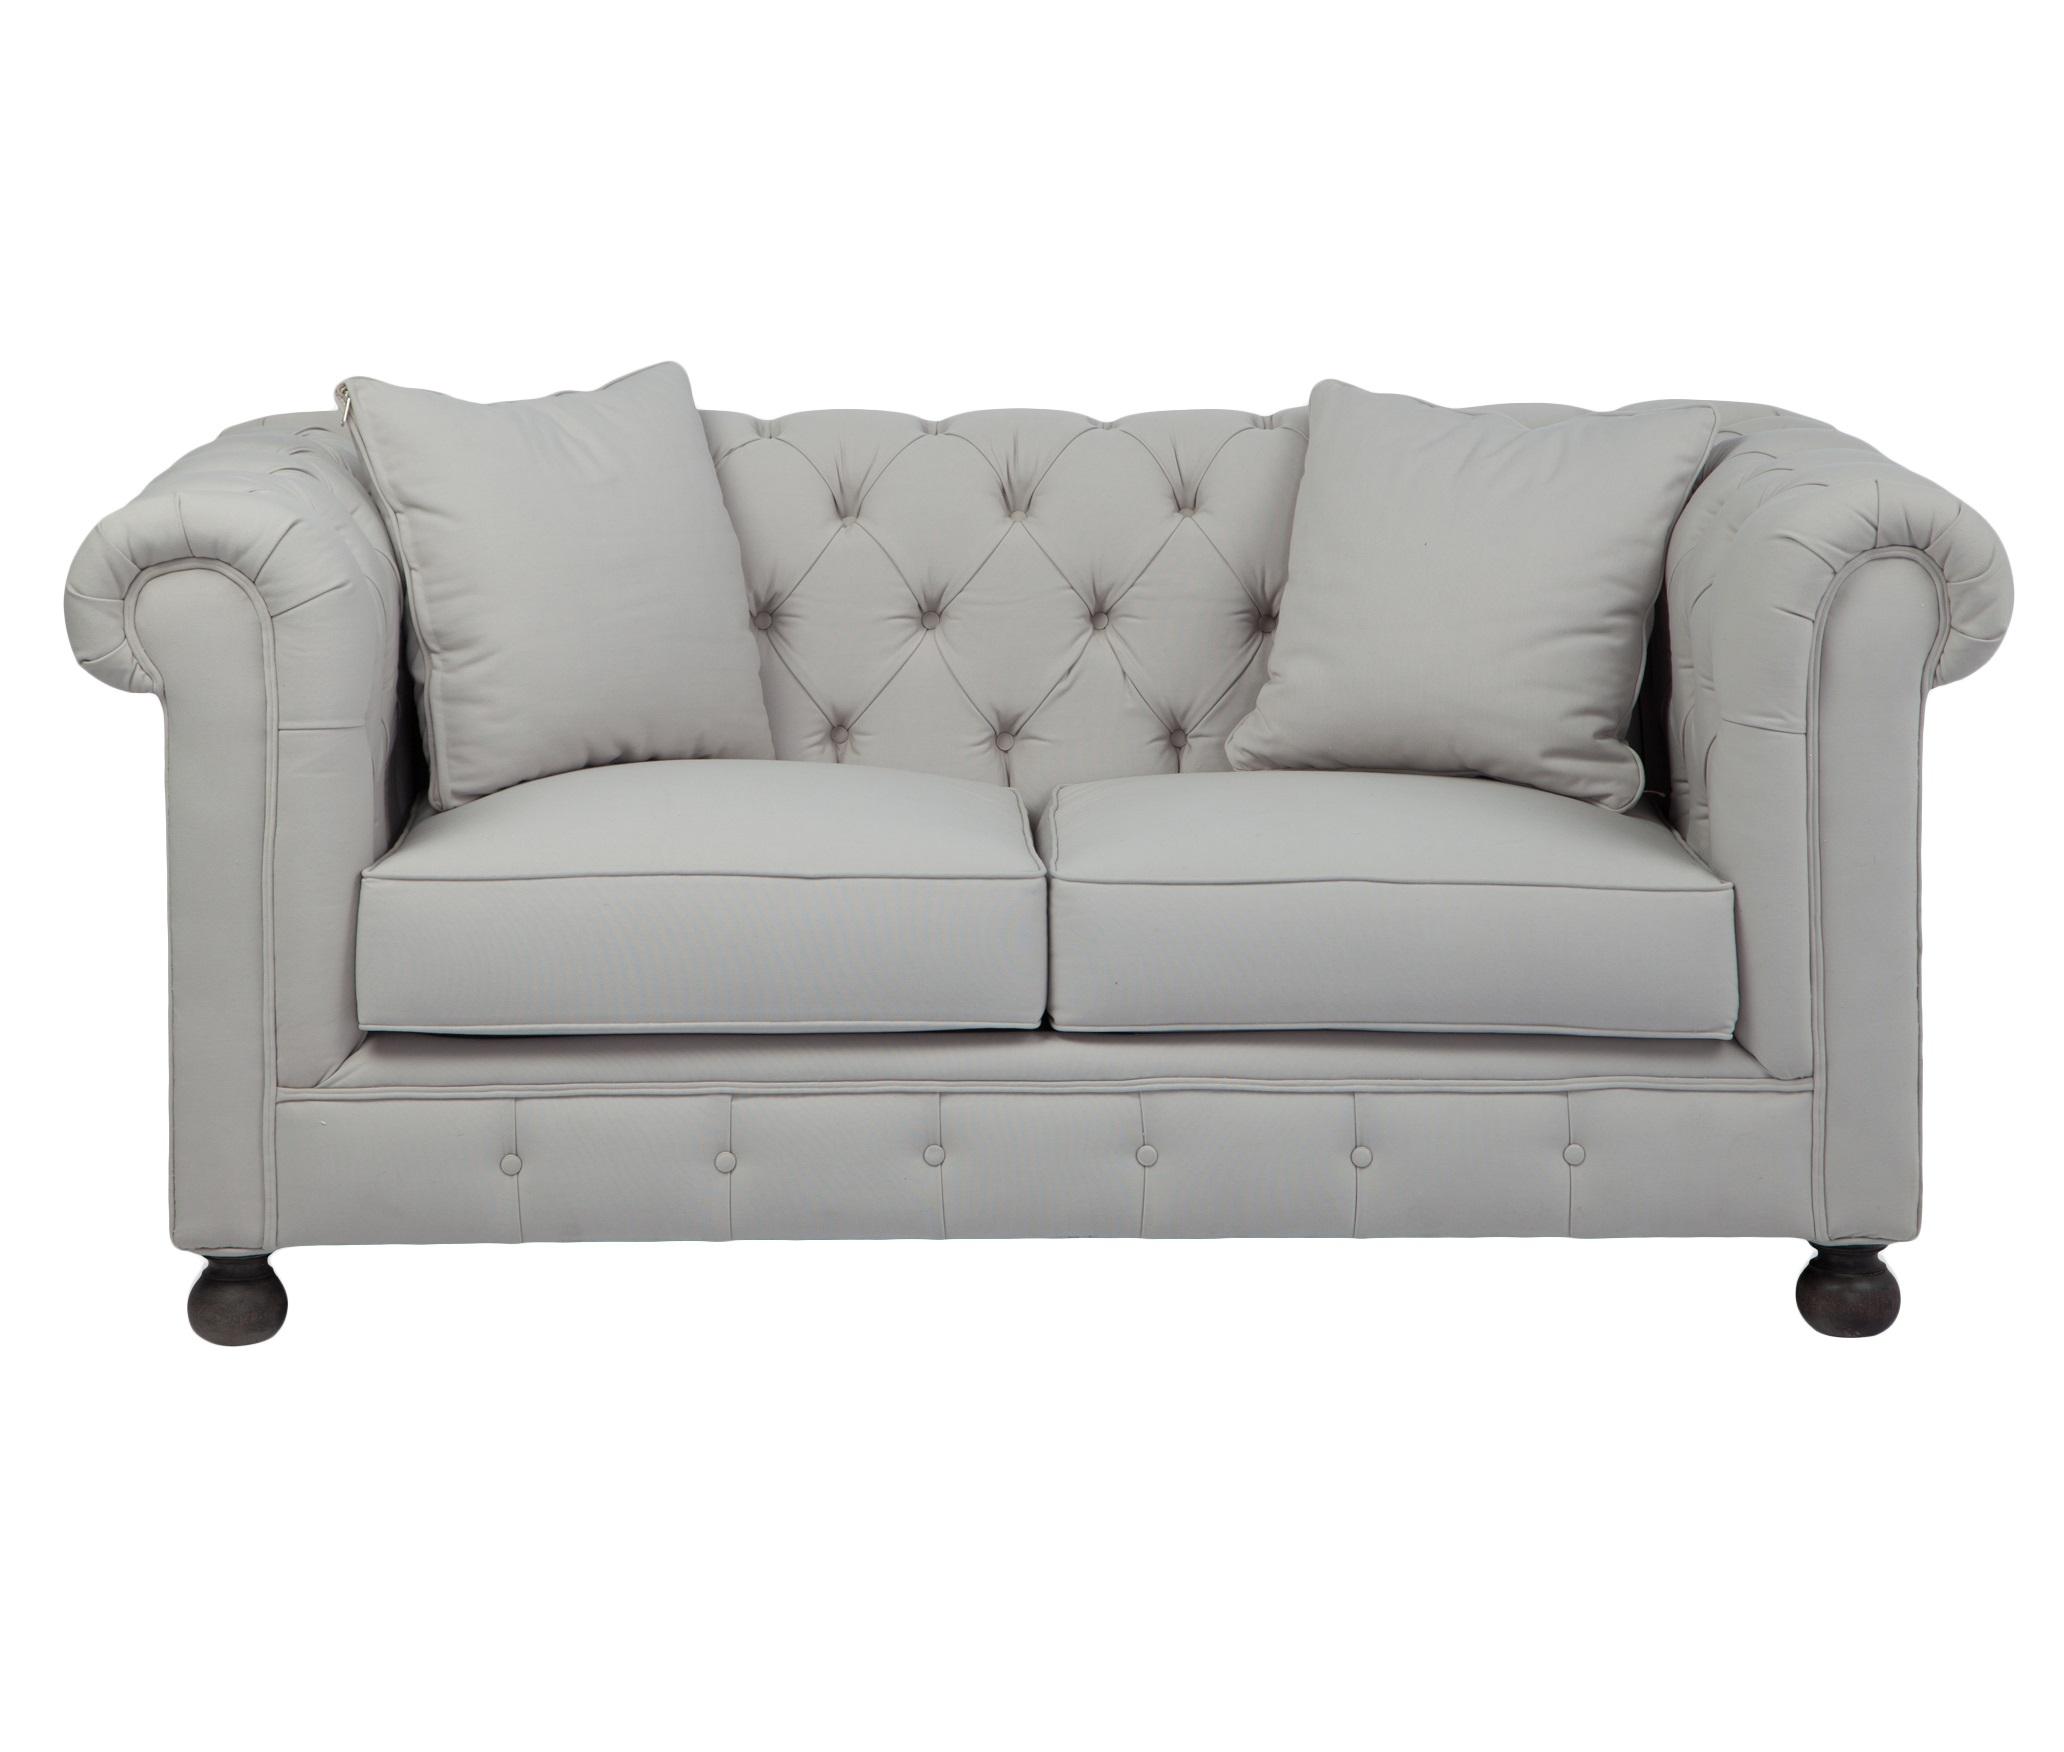 Софа ЧестерфилдДвухместные диваны<br>Классическая модель, декорированная в технике капитоне, серо-голубая обивка, круглые ножки цвета венге.<br><br>Material: Текстиль<br>Width см: 180<br>Depth см: 93<br>Height см: 83